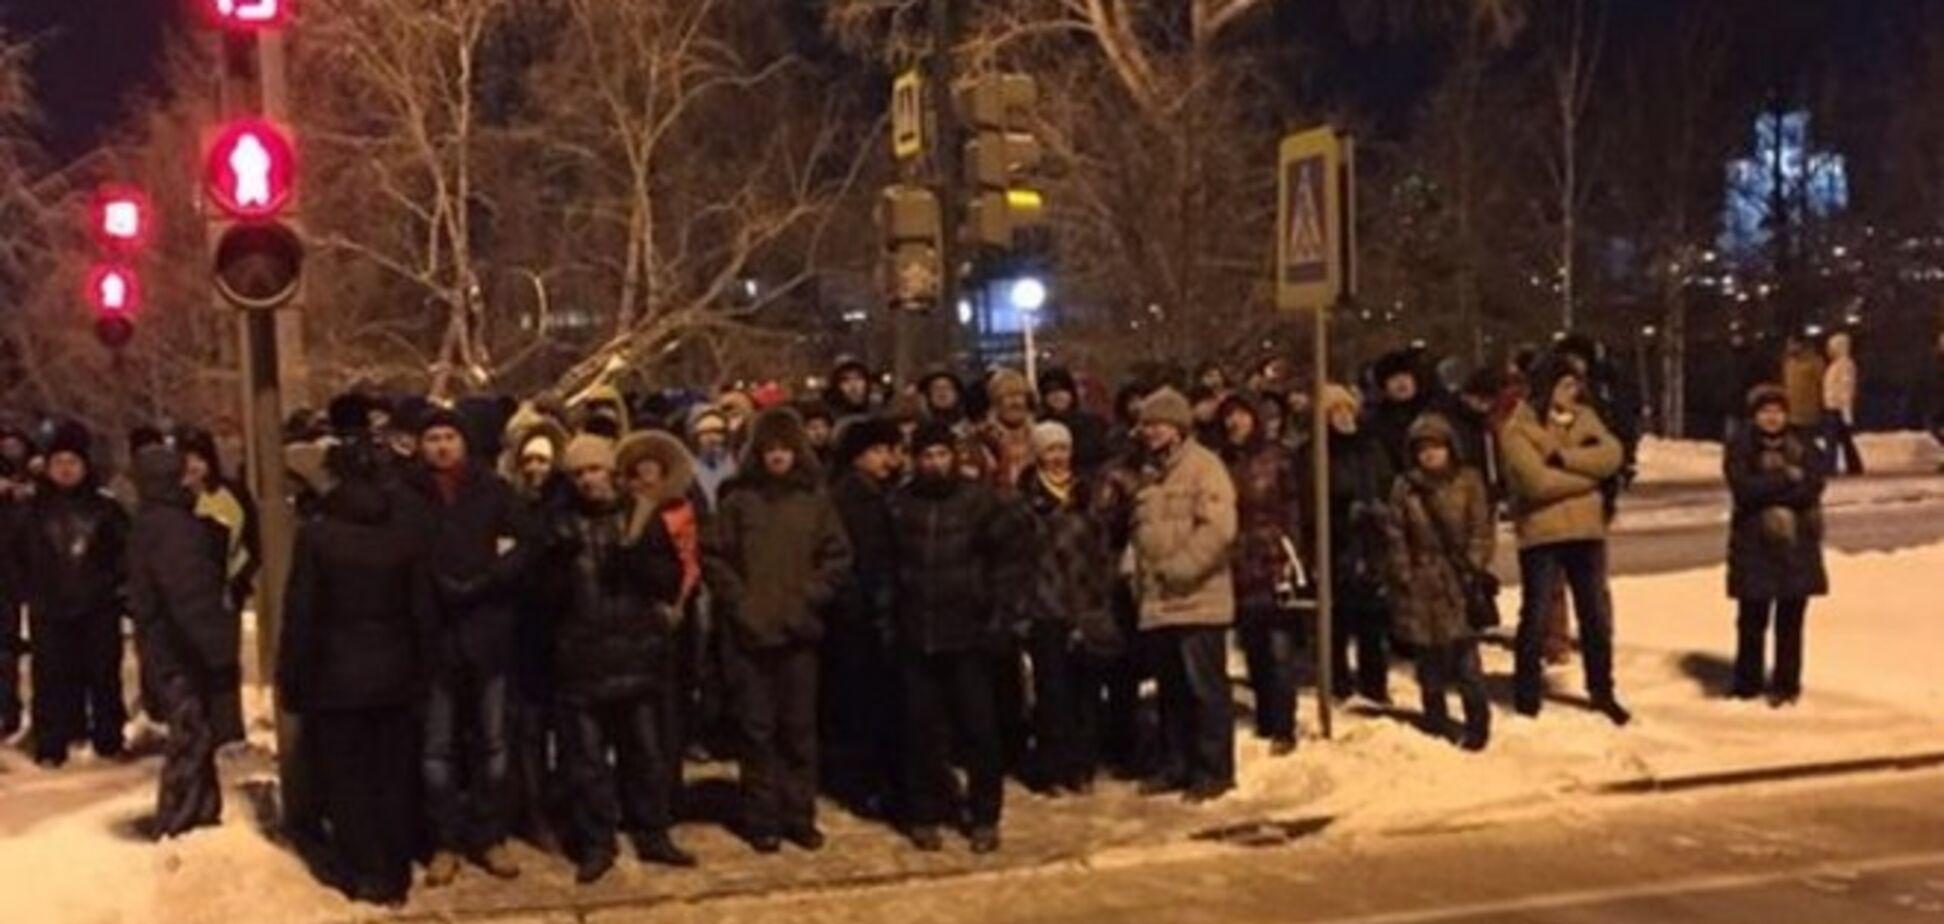 Жителі Єкатеринбурга вийшли на акцію на підтримку Навальних